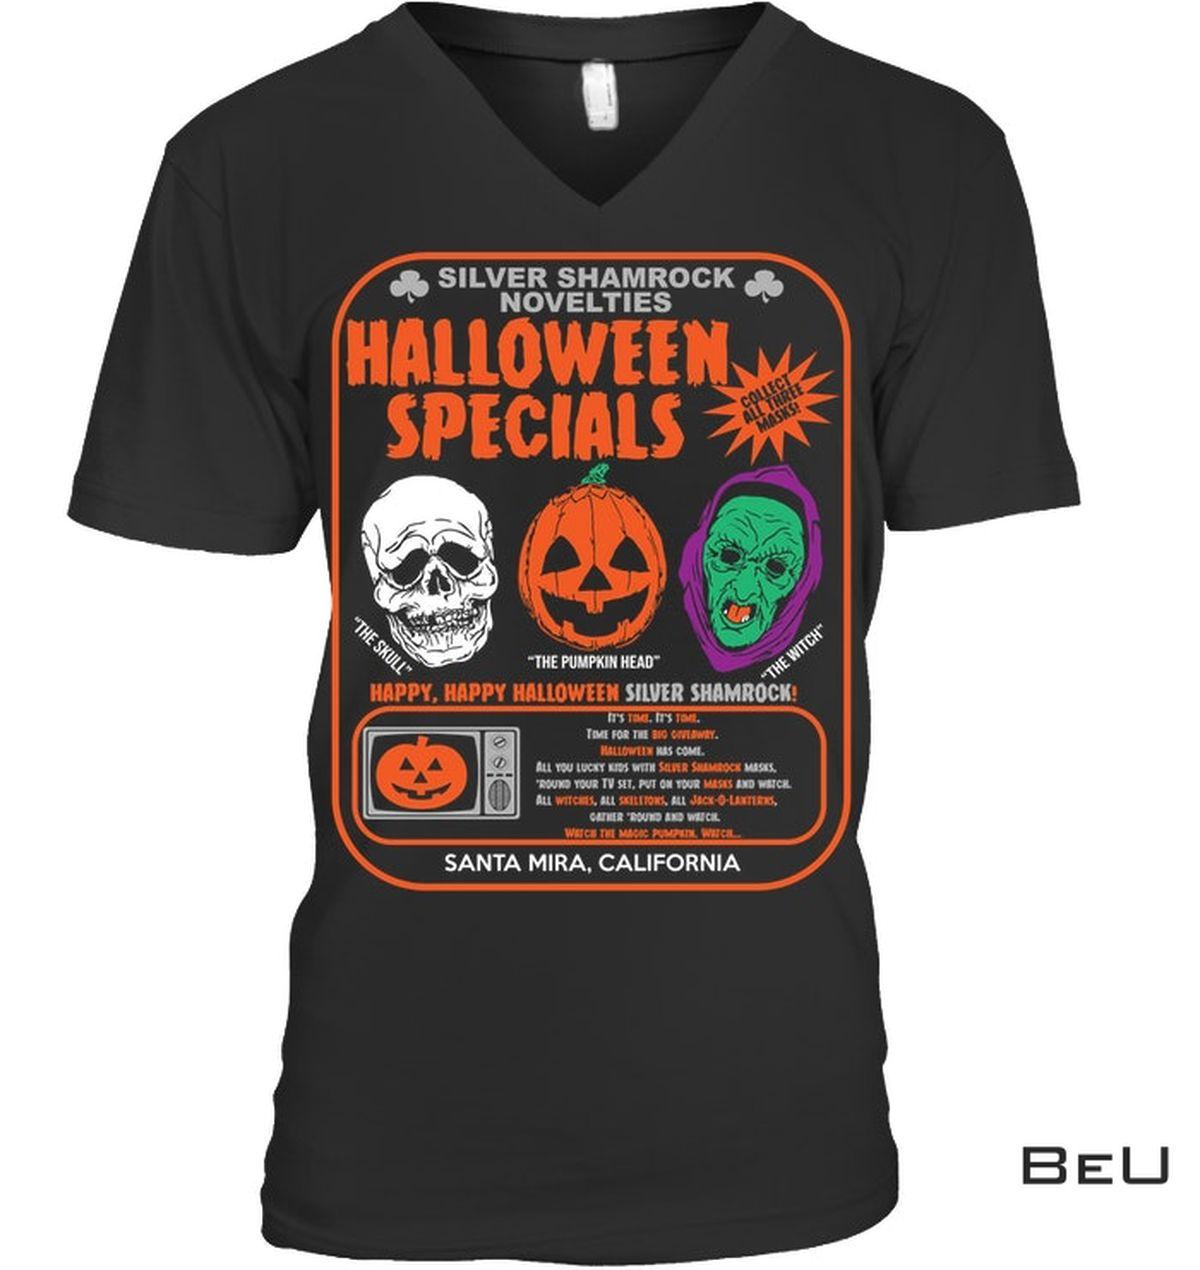 Very Good Quality Silver Shamrock Novelties Halloween Specials Shirt